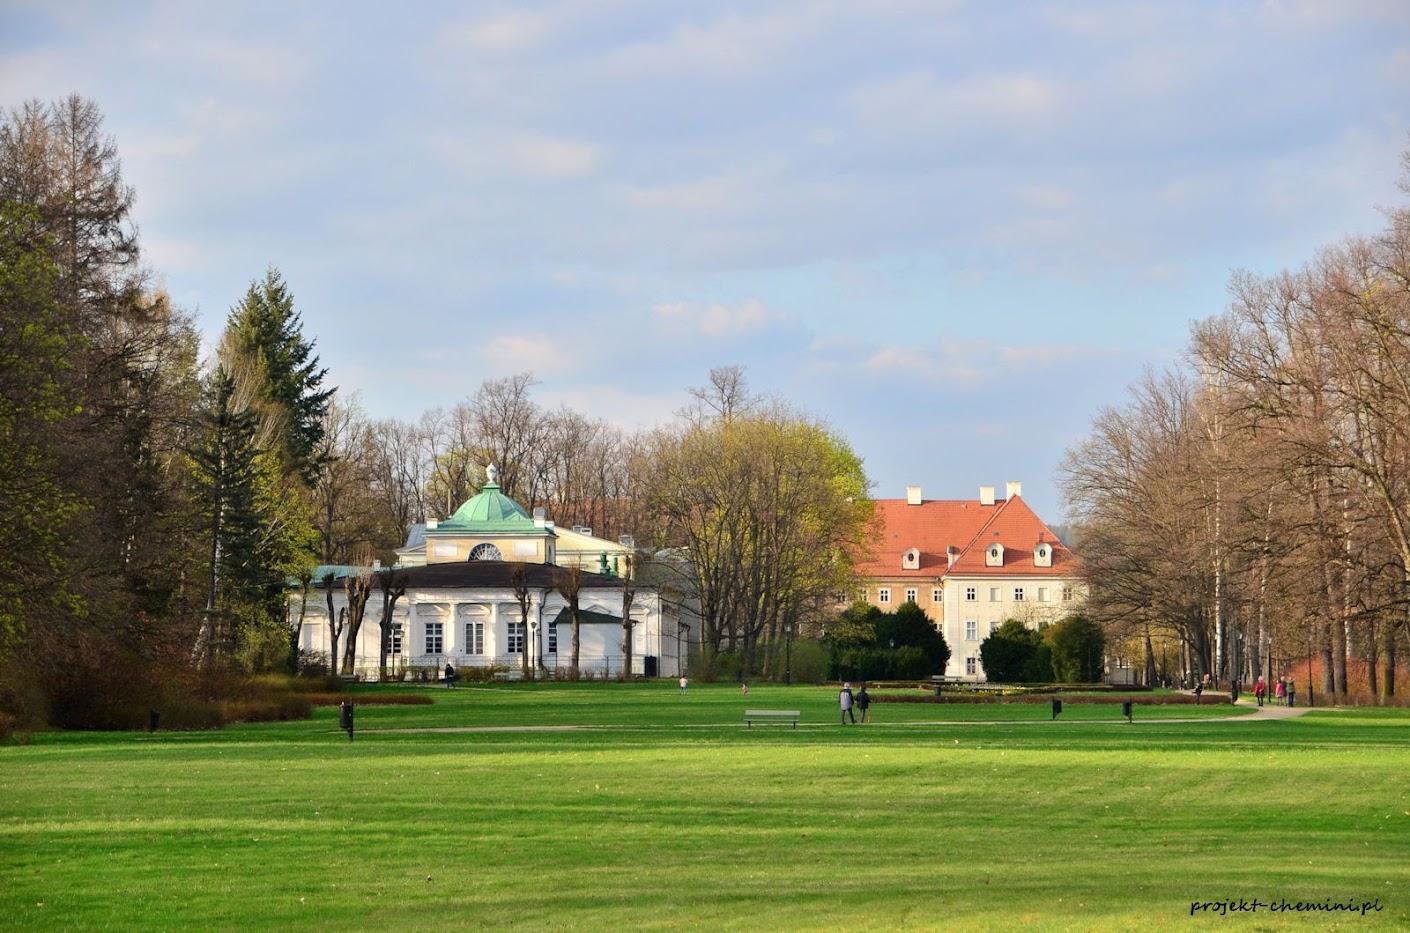 Park Zdrojowy-widok na budynek teatru oraz pałacu